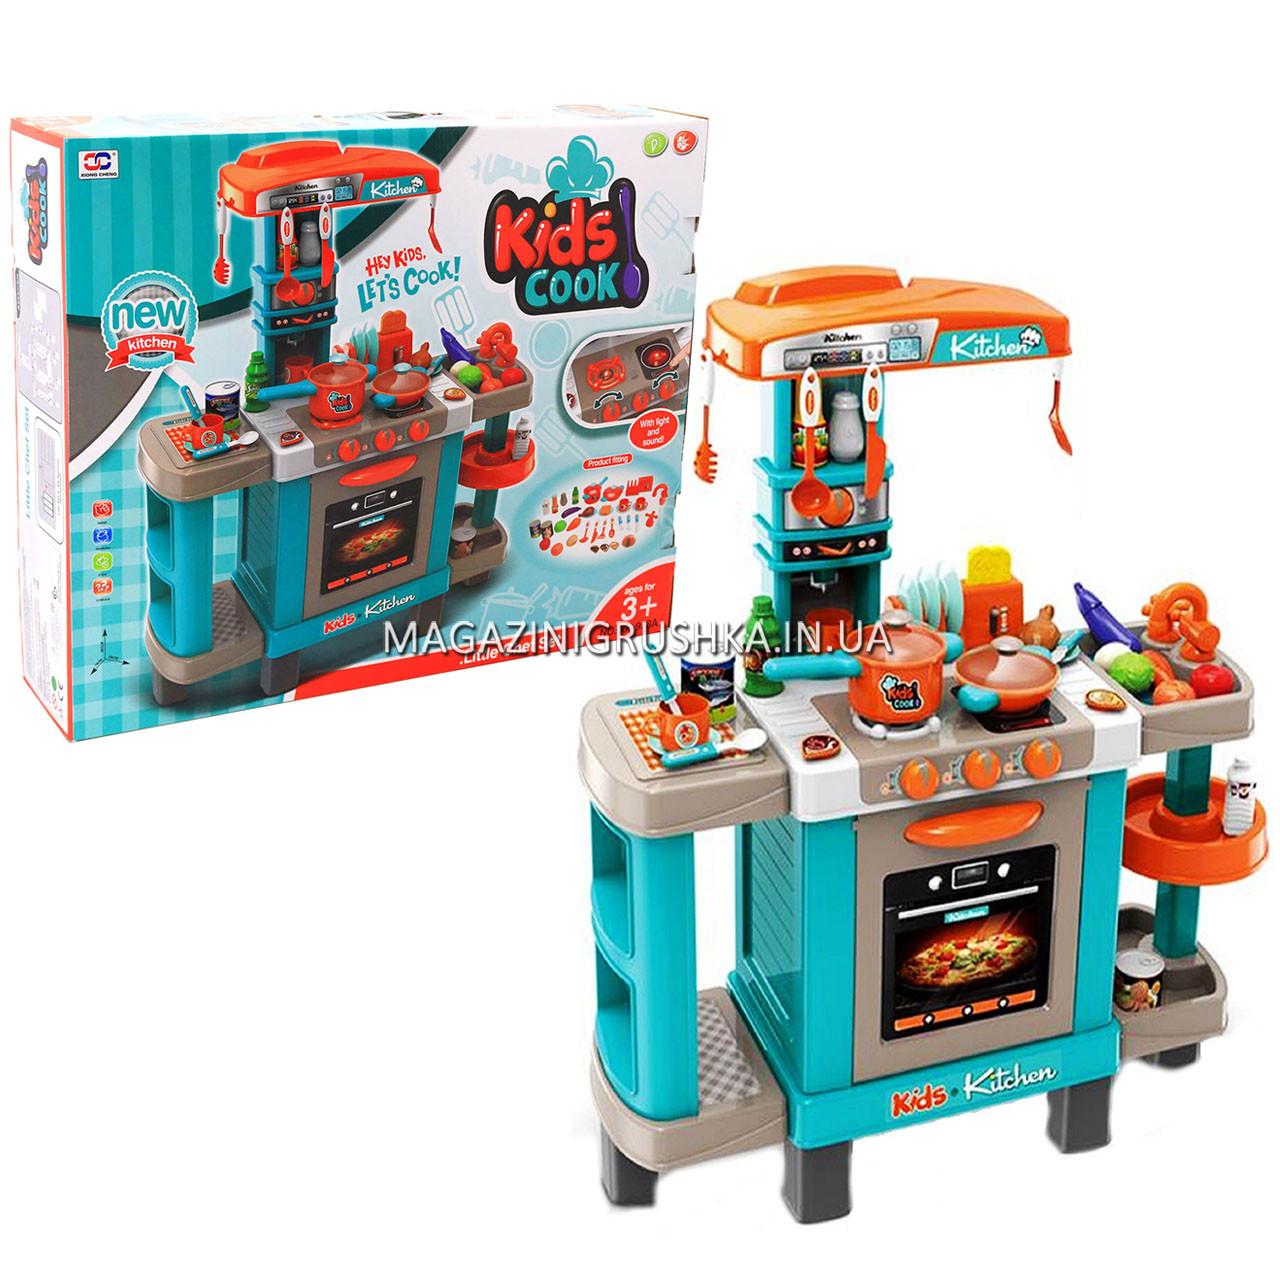 Кухня детская игровая интерактивная с микроволновкой, кофемашиной, тостером (свет, звук) 78х29х87 см (008-938)